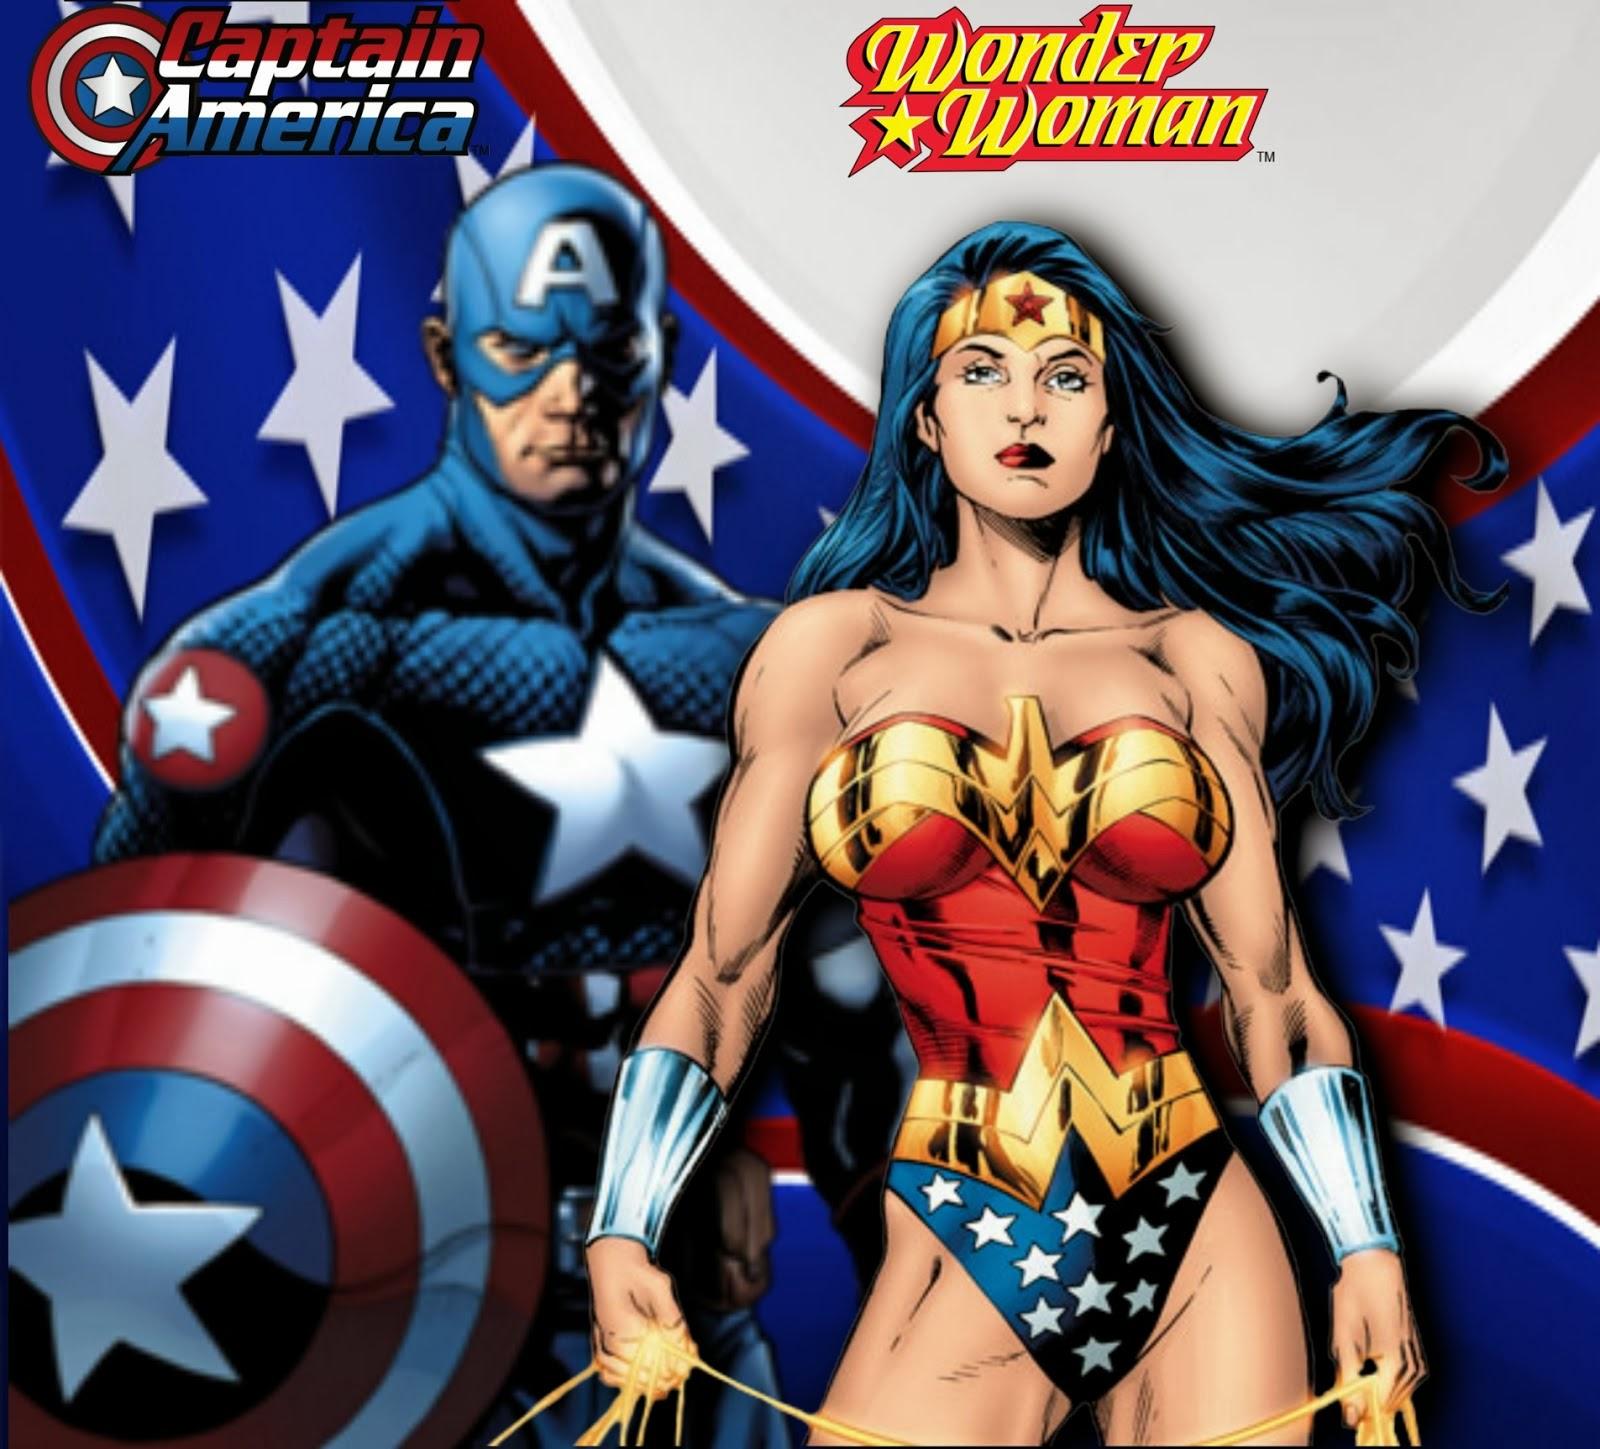 http://2.bp.blogspot.com/-pUisvnzsVU8/UltxVg0ms7I/AAAAAAAACH8/FmT97KvDEpU/s1600/captain%2Bamerica%2Bwonder%2Bwoman%2B21.jpeg